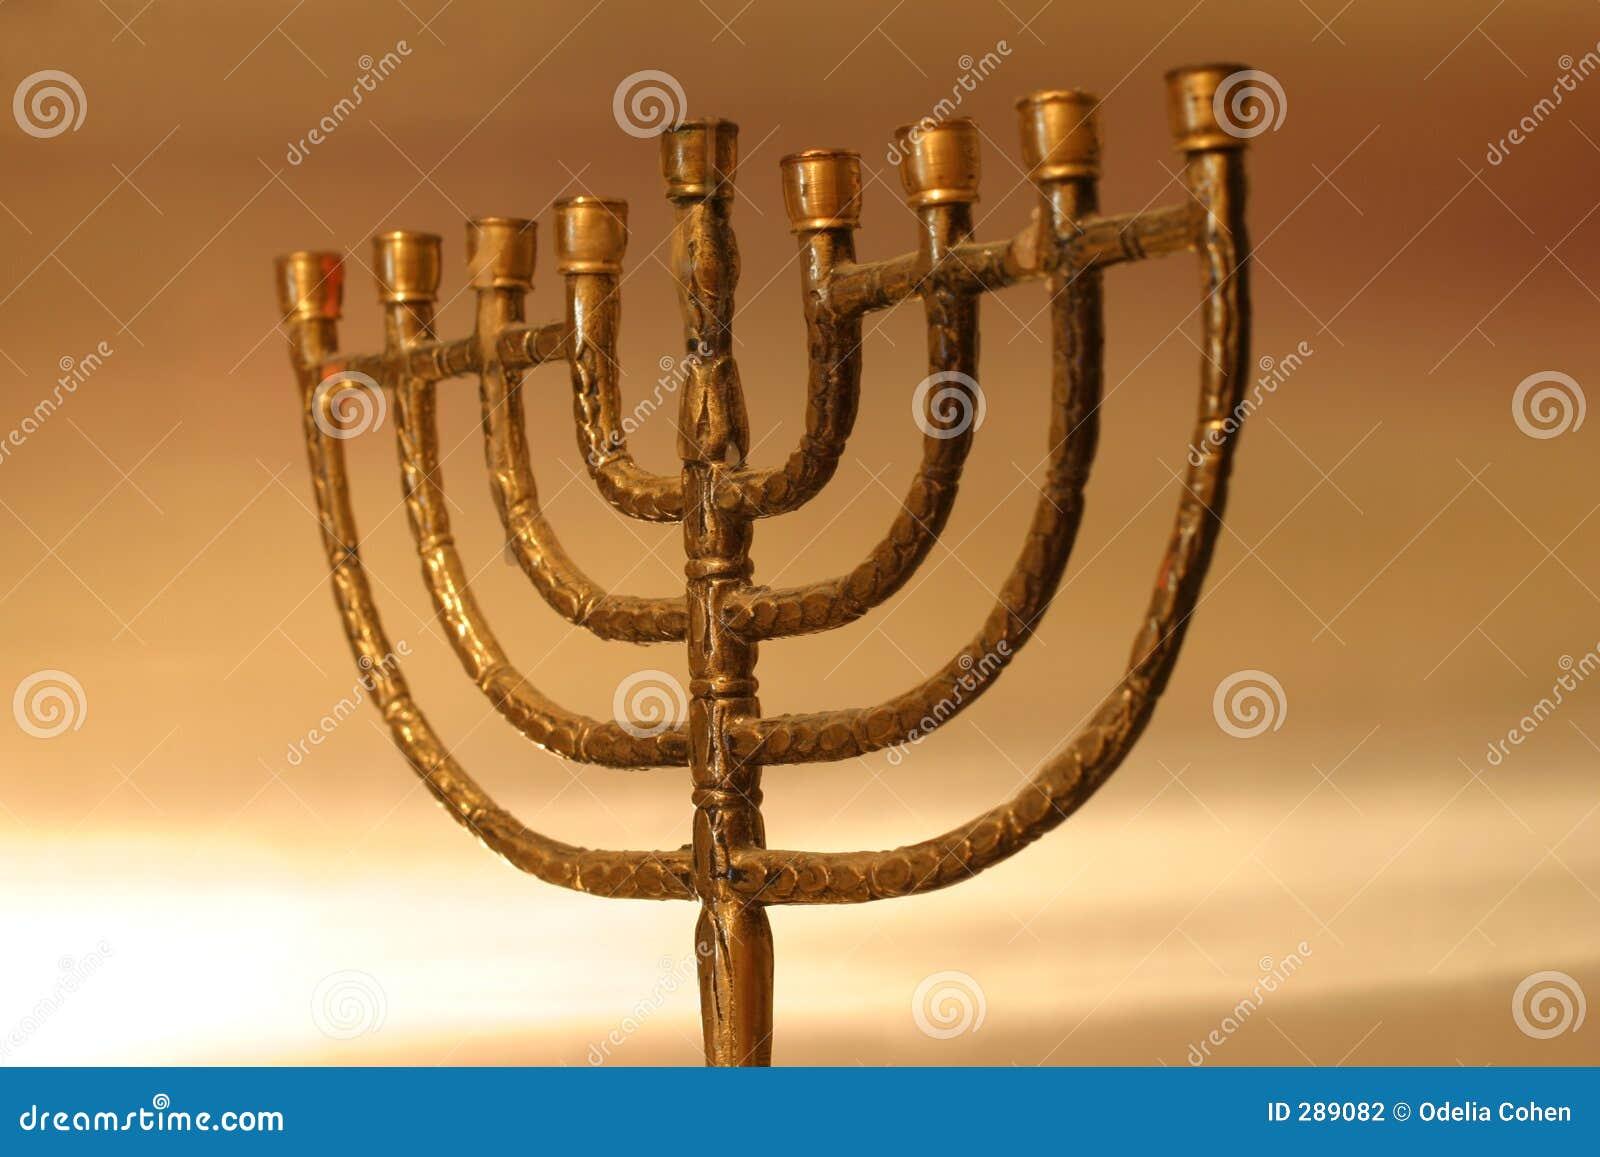 Hanukkah menora